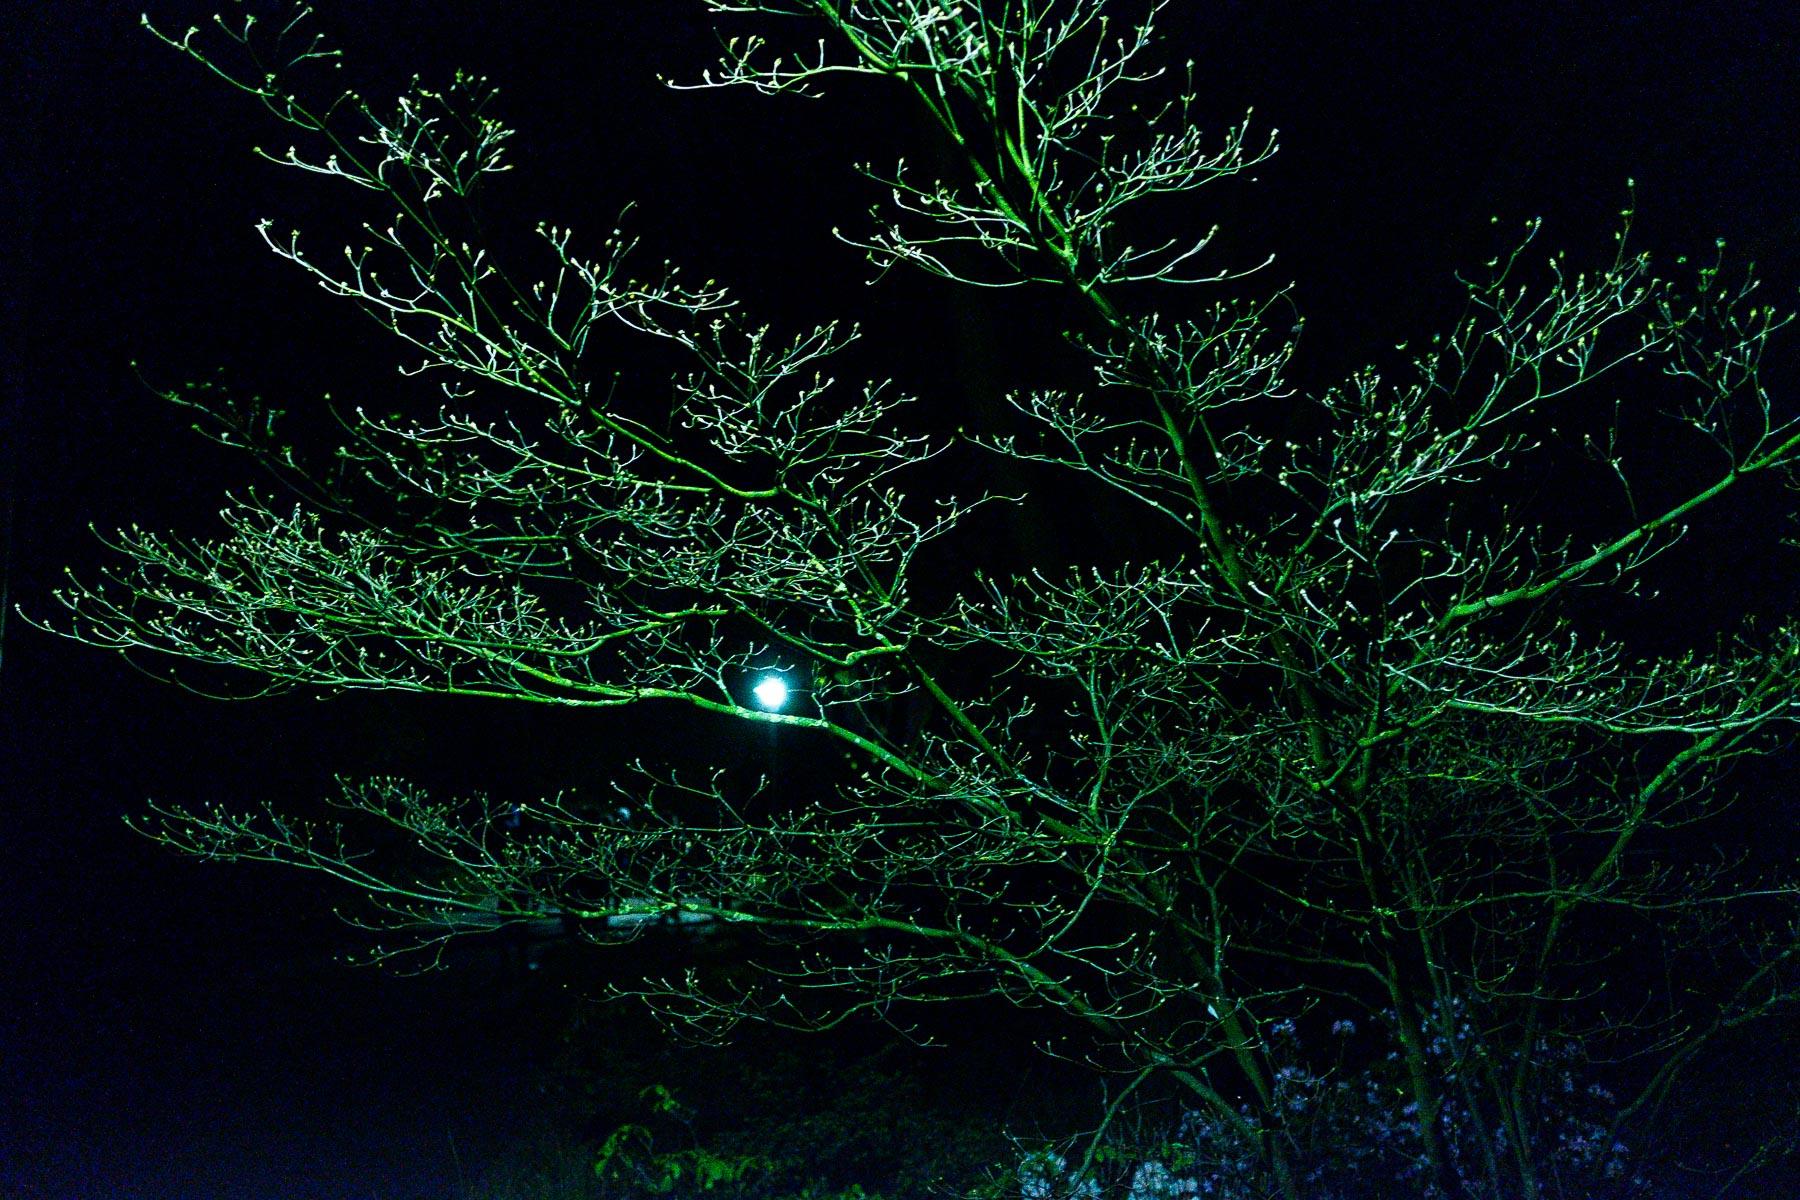 16.04.2016-Nachts im Botanischen Garten Düsseldorf